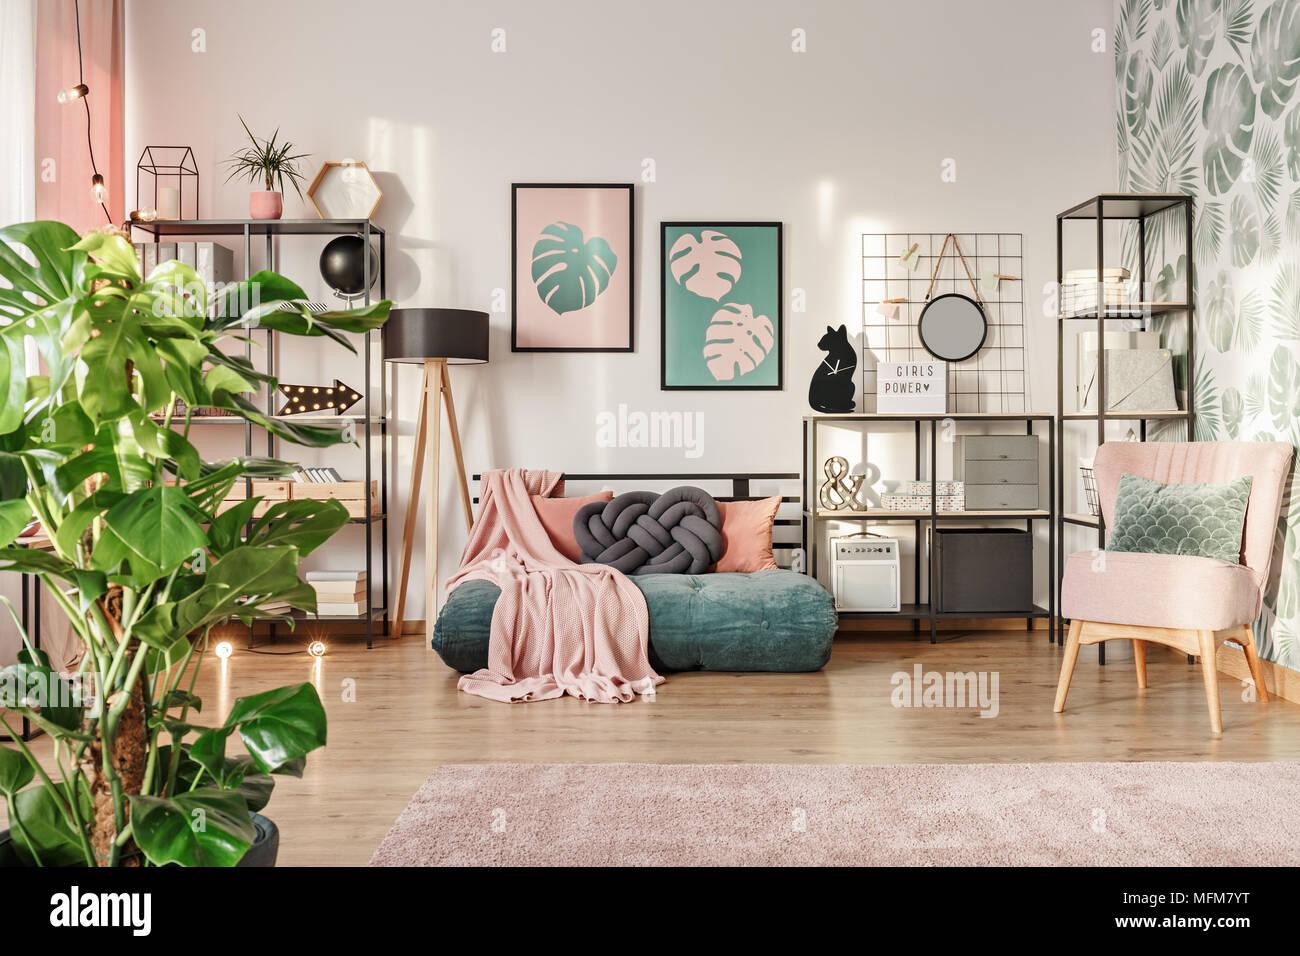 Knoten Kissen auf ein Designer, smaragdgrünen Matratze Sofa im ...